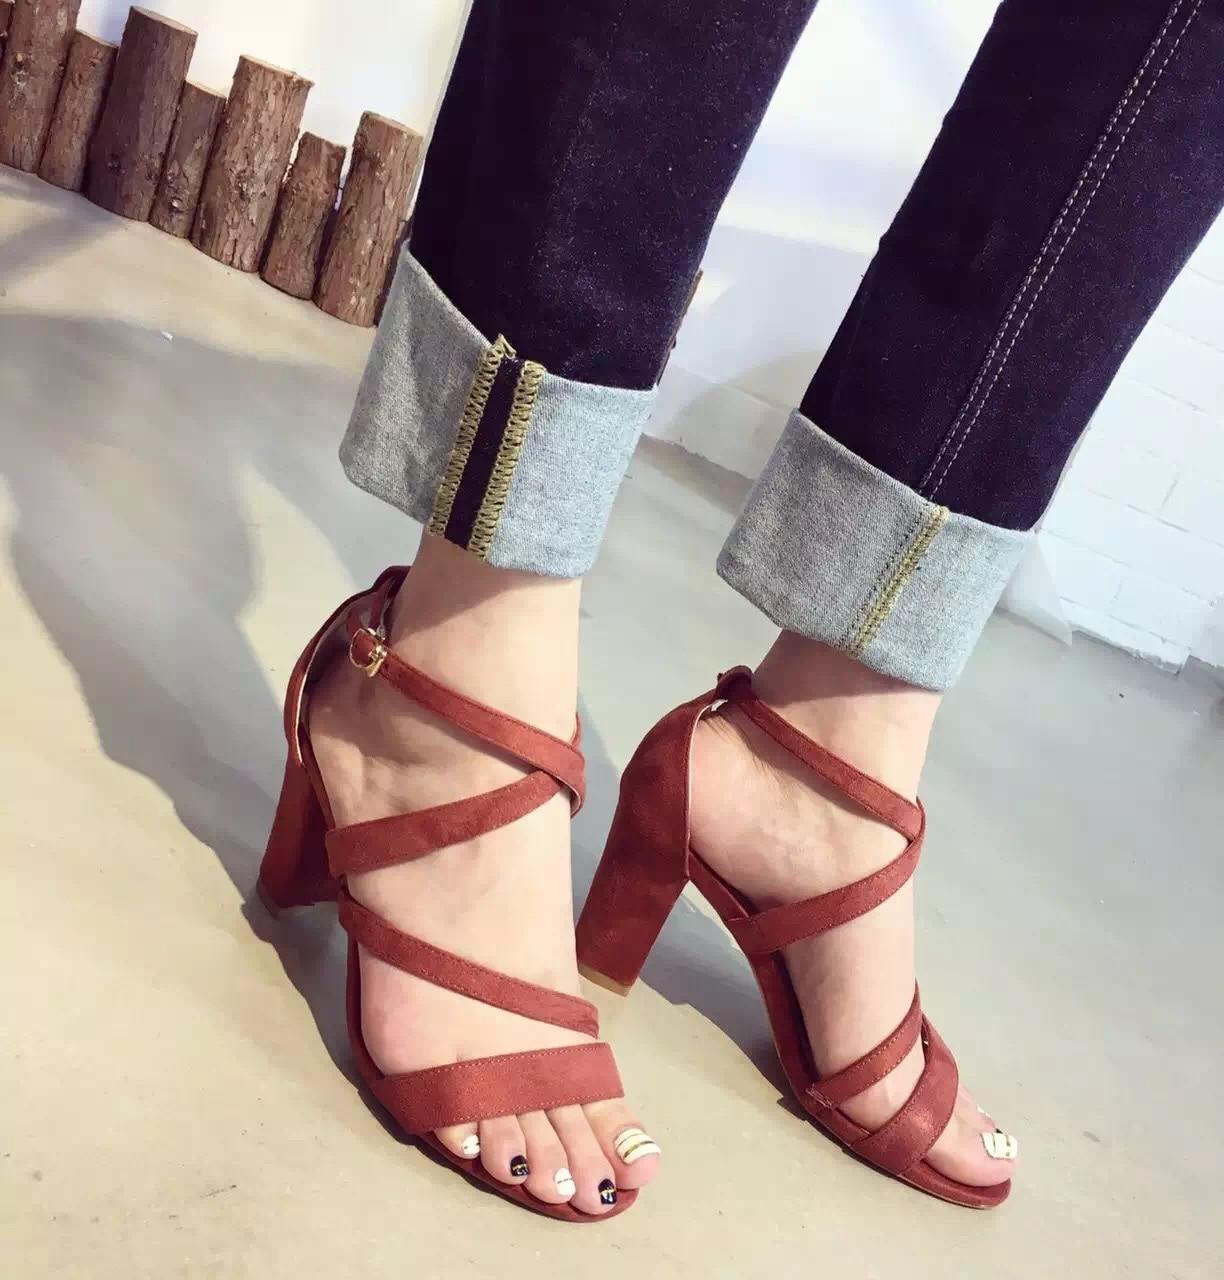 ФОТО 2016 Women's Thick High Heel Sandals 8cm Chaussure Escarpin Femme Talon Sapatos De Salto Alto Vermelho